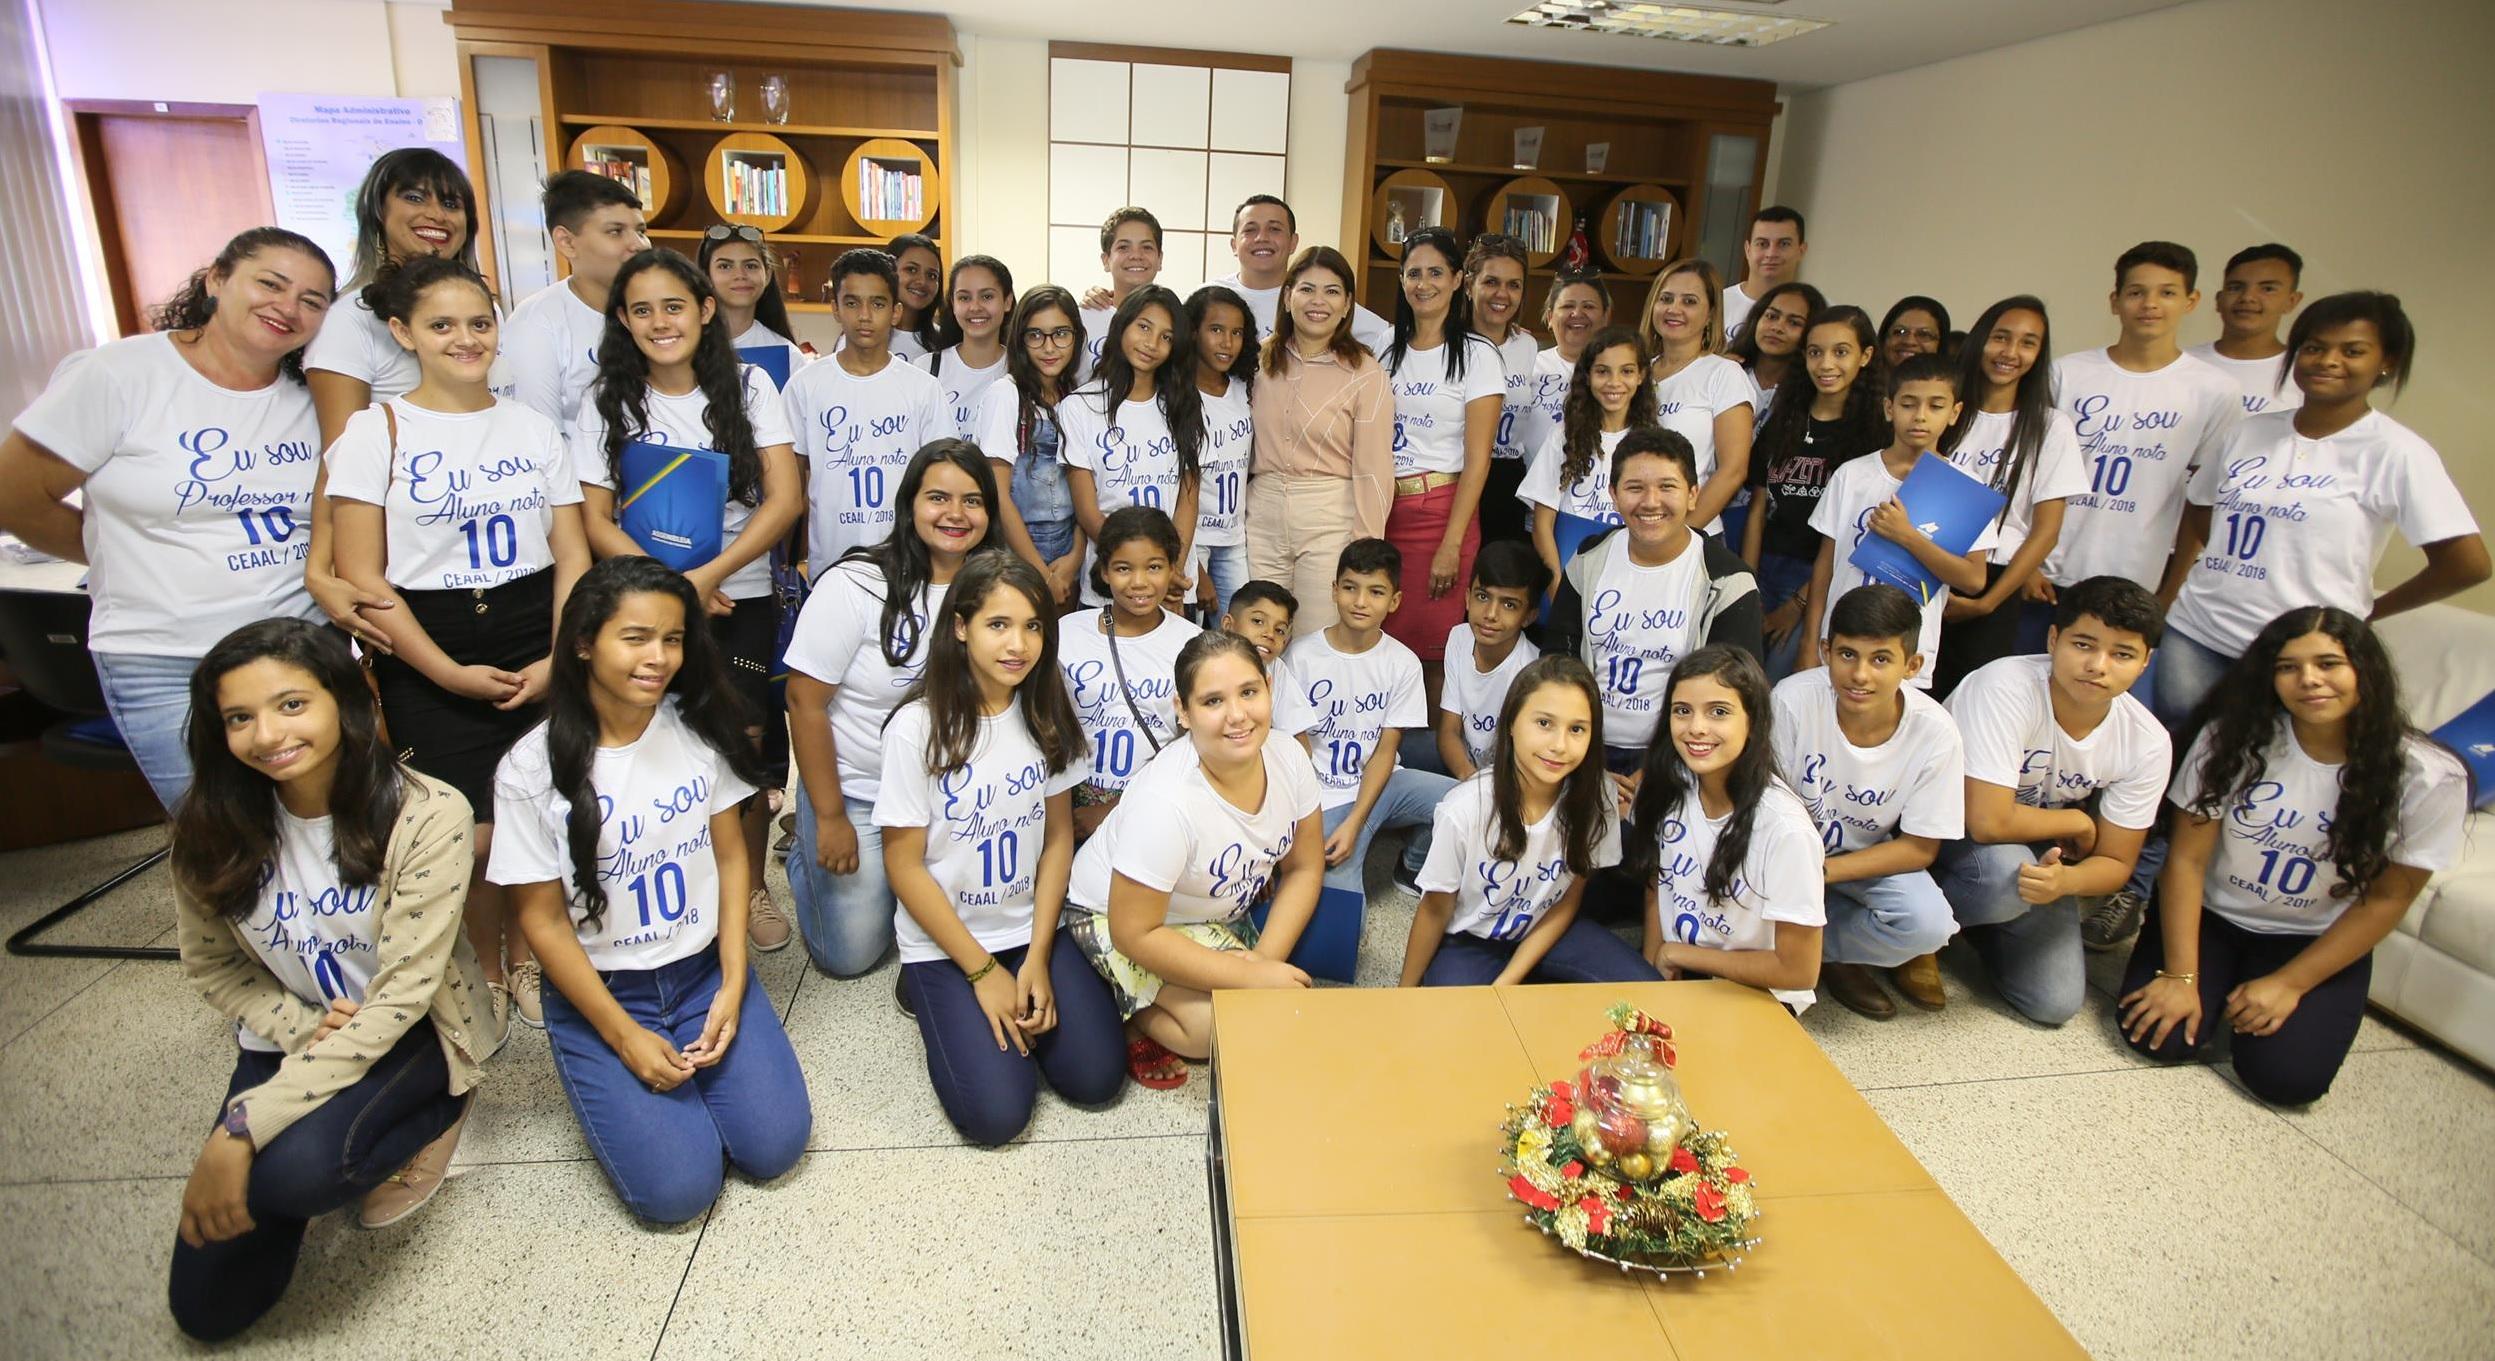 Alunos destaque de escola guaraiense são premiados com viagem cultural para Palmas